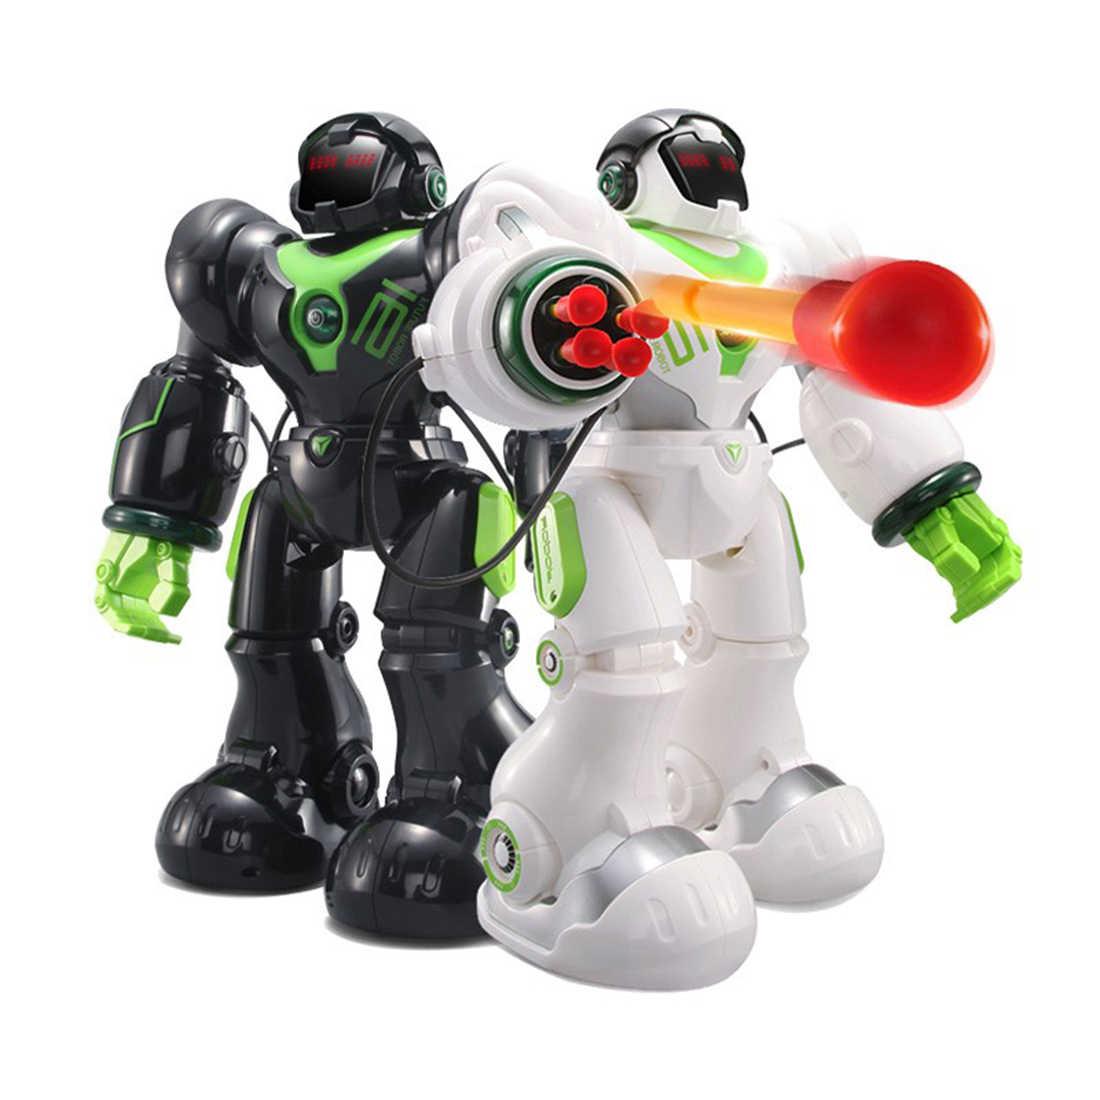 2019 Новый RC Machinery Робот Игрушки с программированием стрельба танцы боевые функции для детей-черный/белый